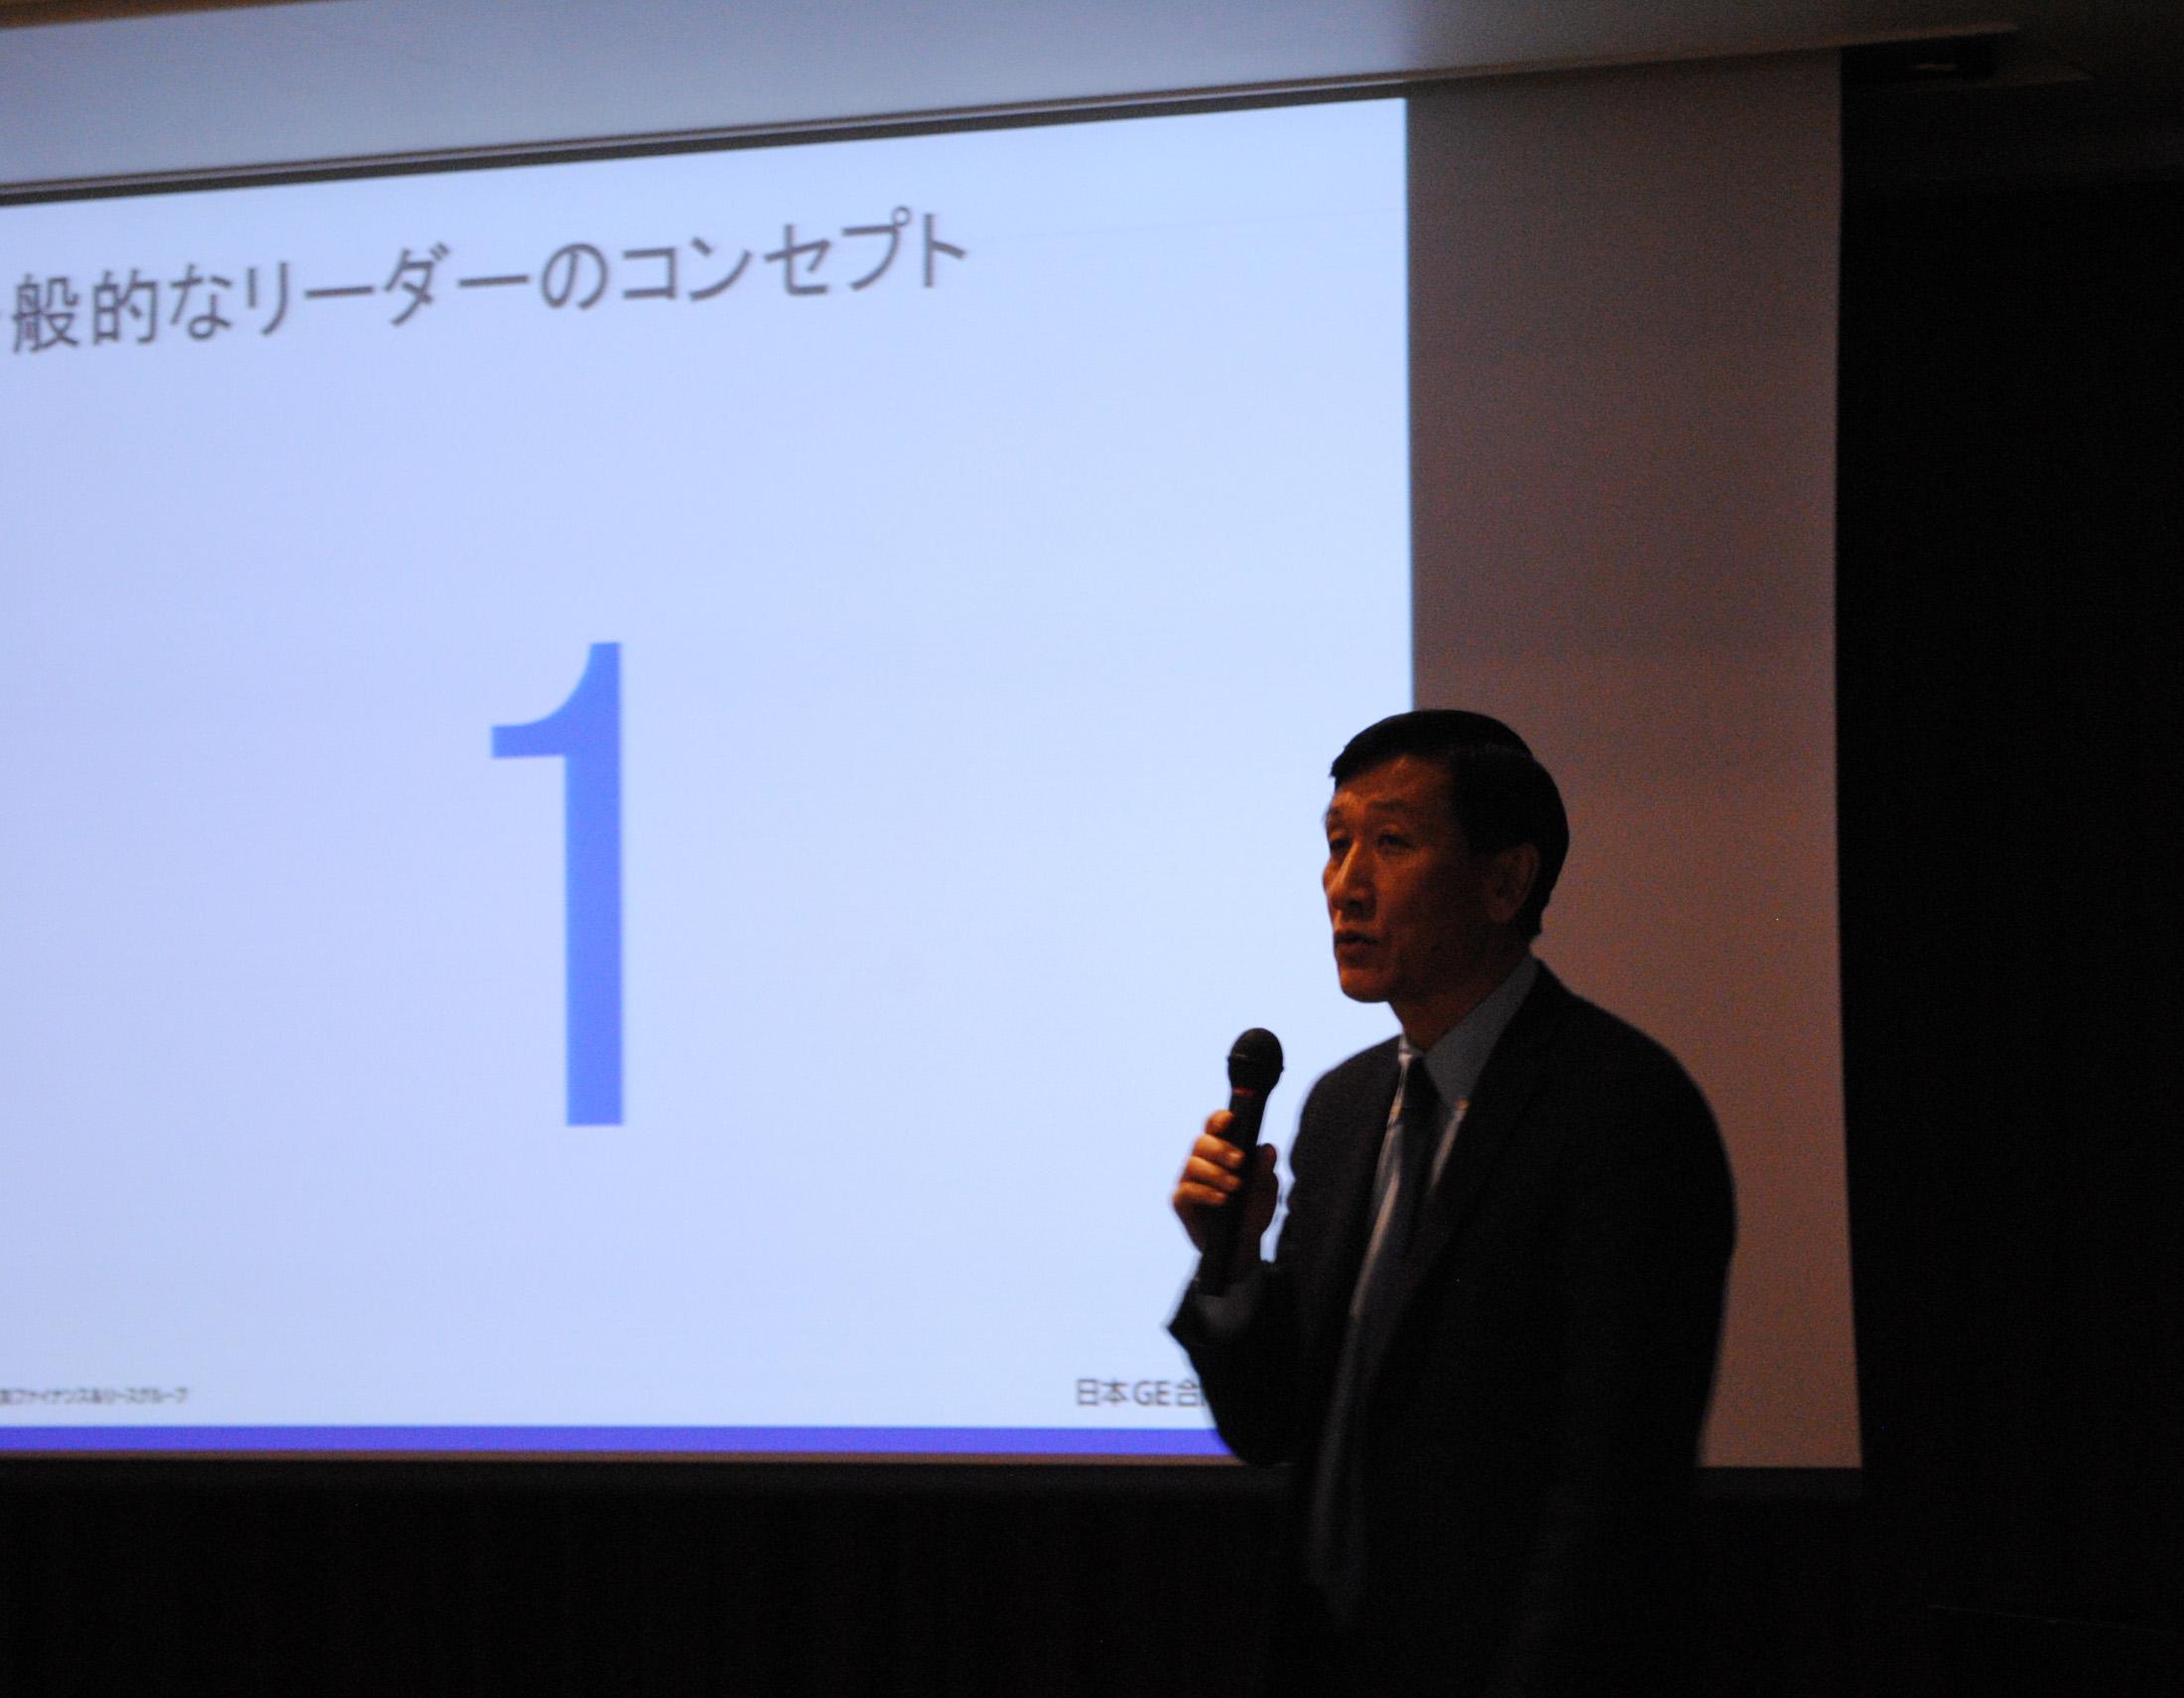 第9回常石CSV講演会「世界基準の仕事術 〜グローバル人材を目指して〜」をテーマに日本GE合同会社 代表職務執行者社長兼CEOの安渕聖司氏が講演